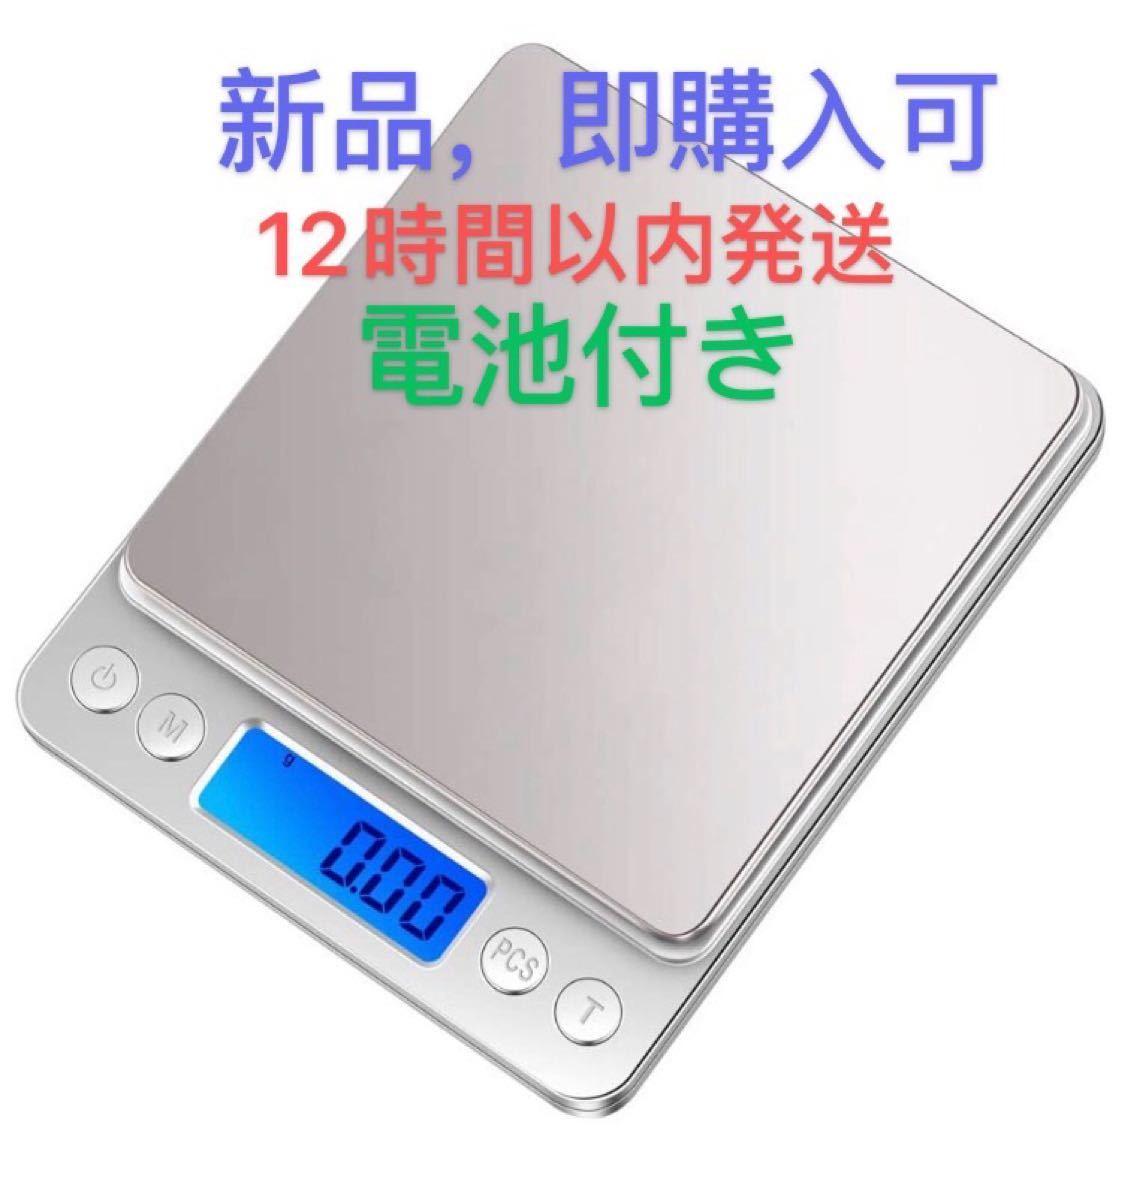 デジタルキッチンスケール キッチンスケール デジタルスケール 電子秤 風袋引き